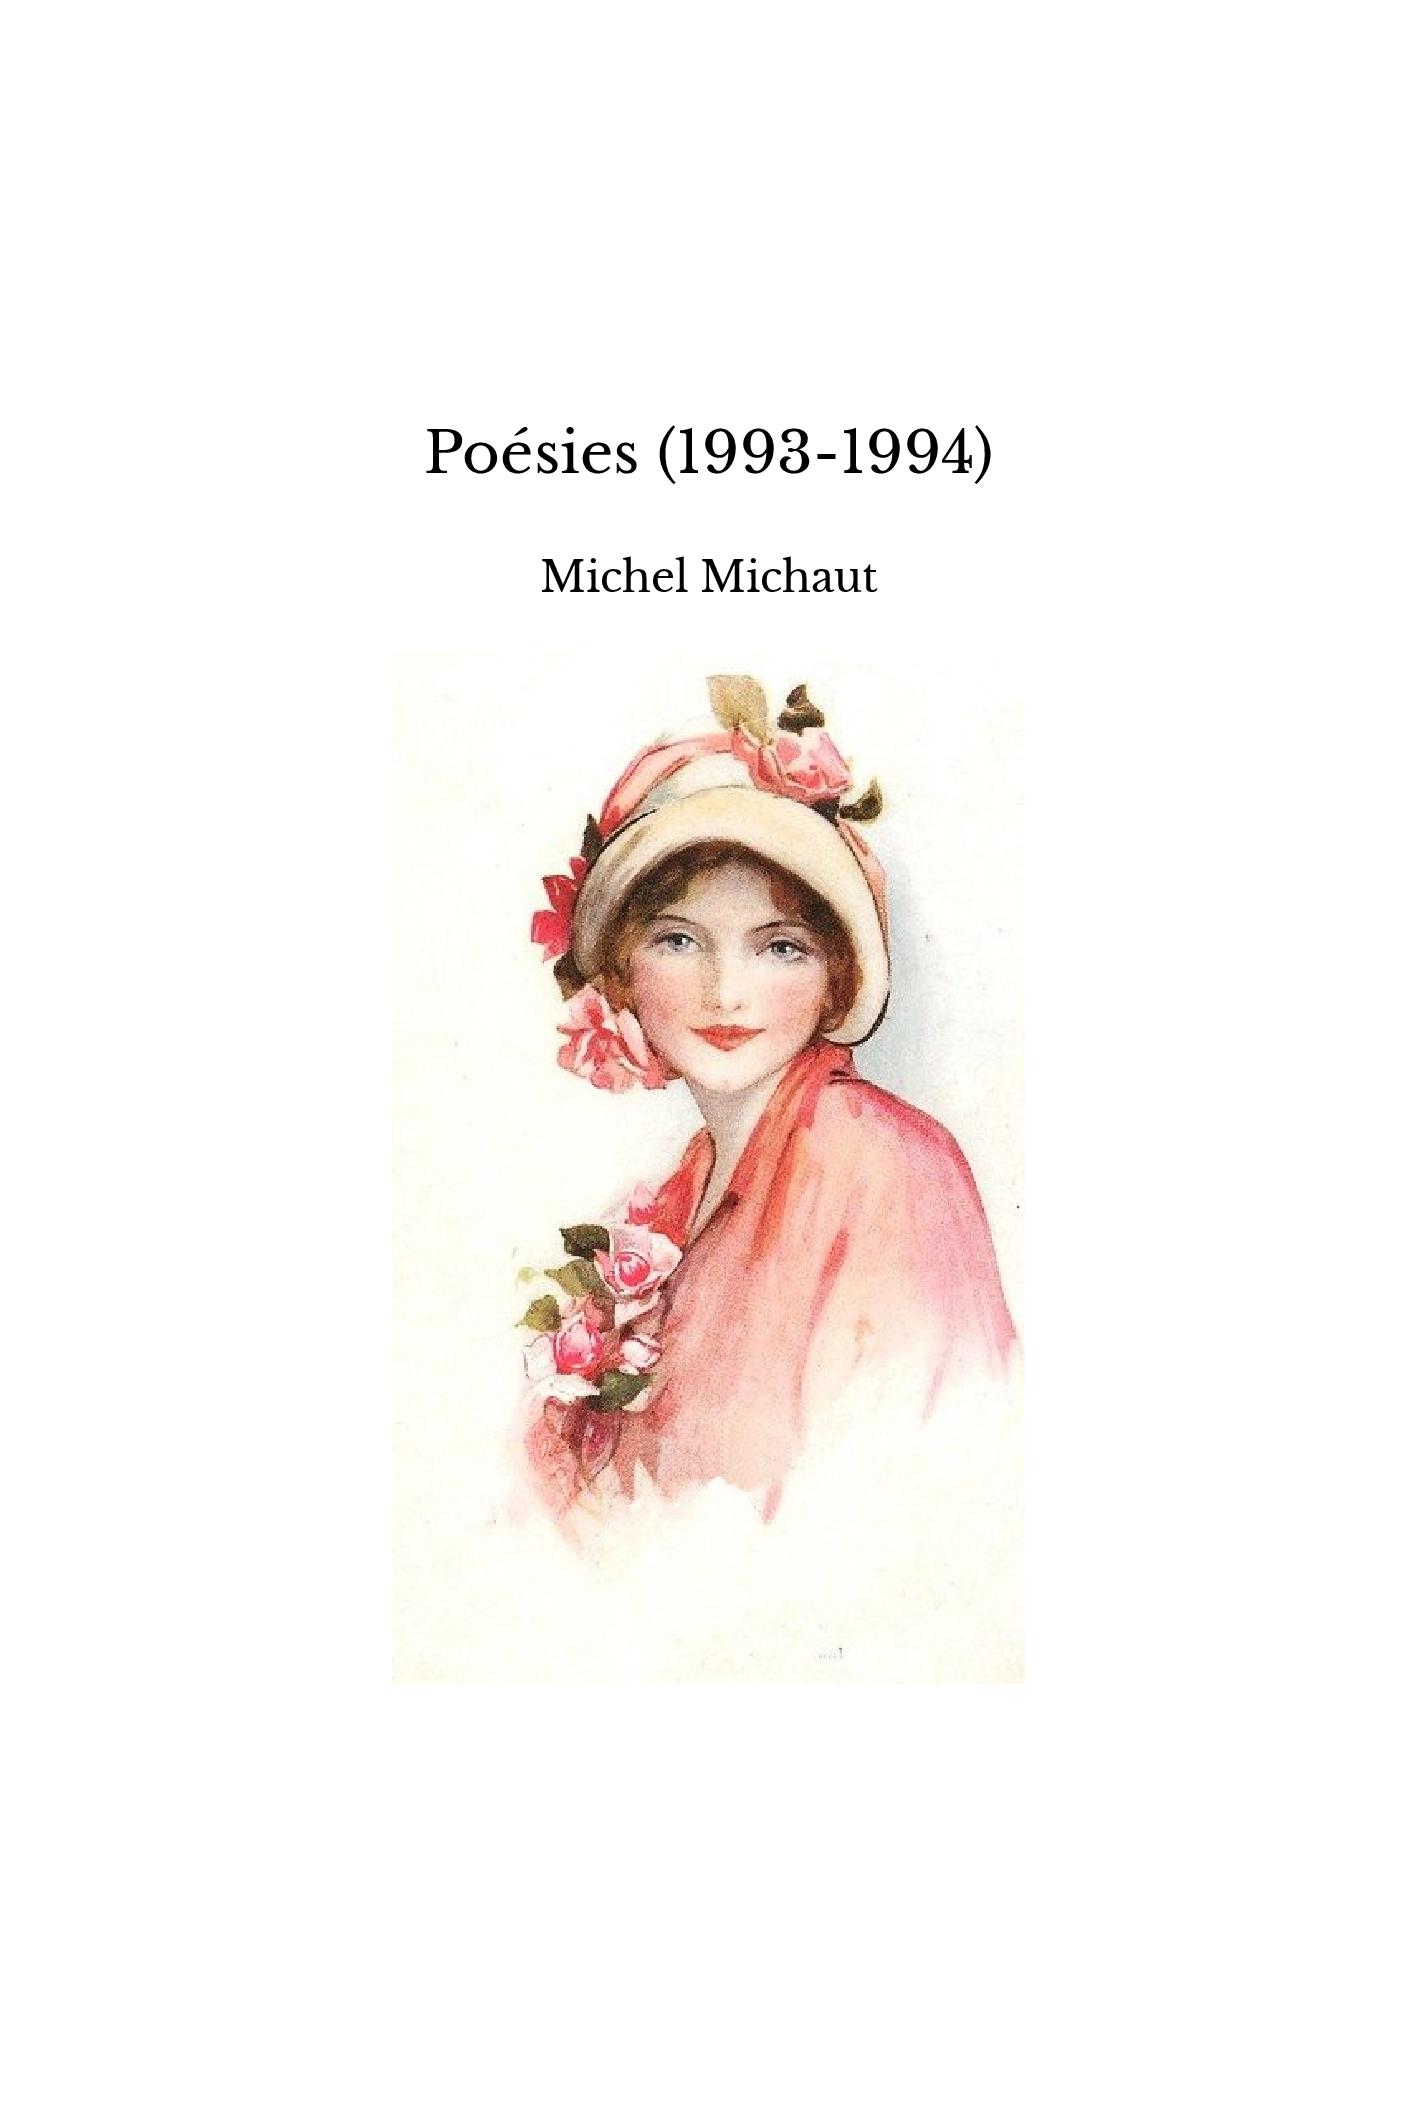 Poésies (1993-1994)